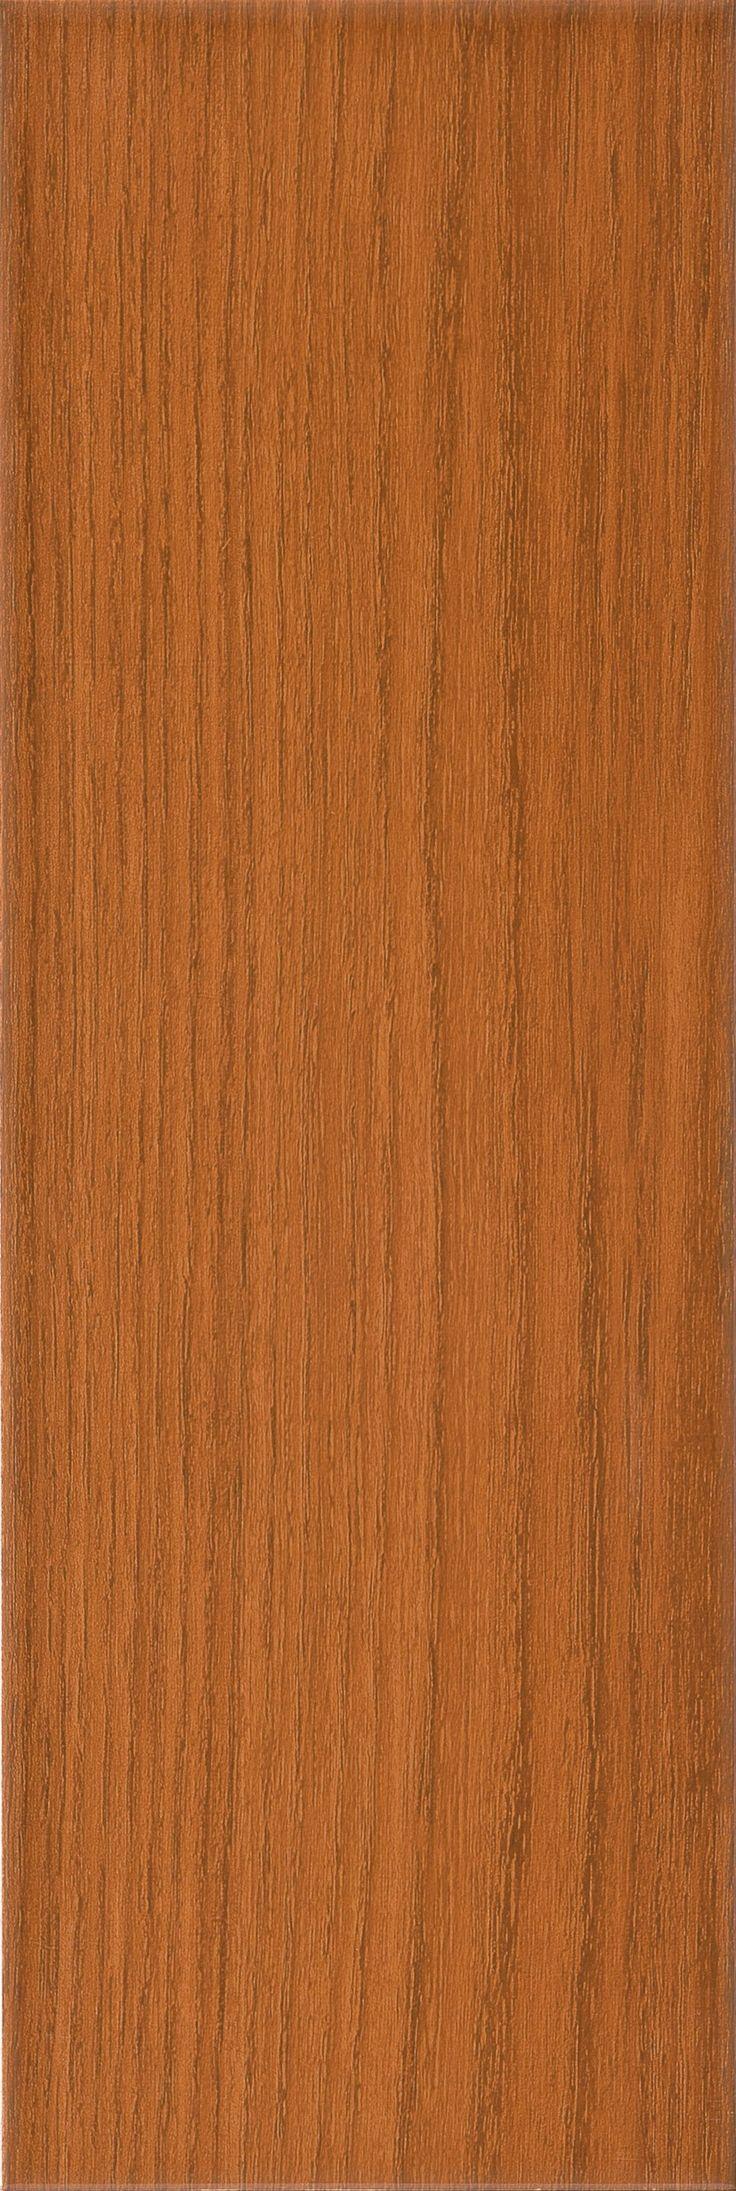 #Aparici #Luxury Alexander Walnut 20x59,2 Cm | #Feinsteinzeug #Marmor #